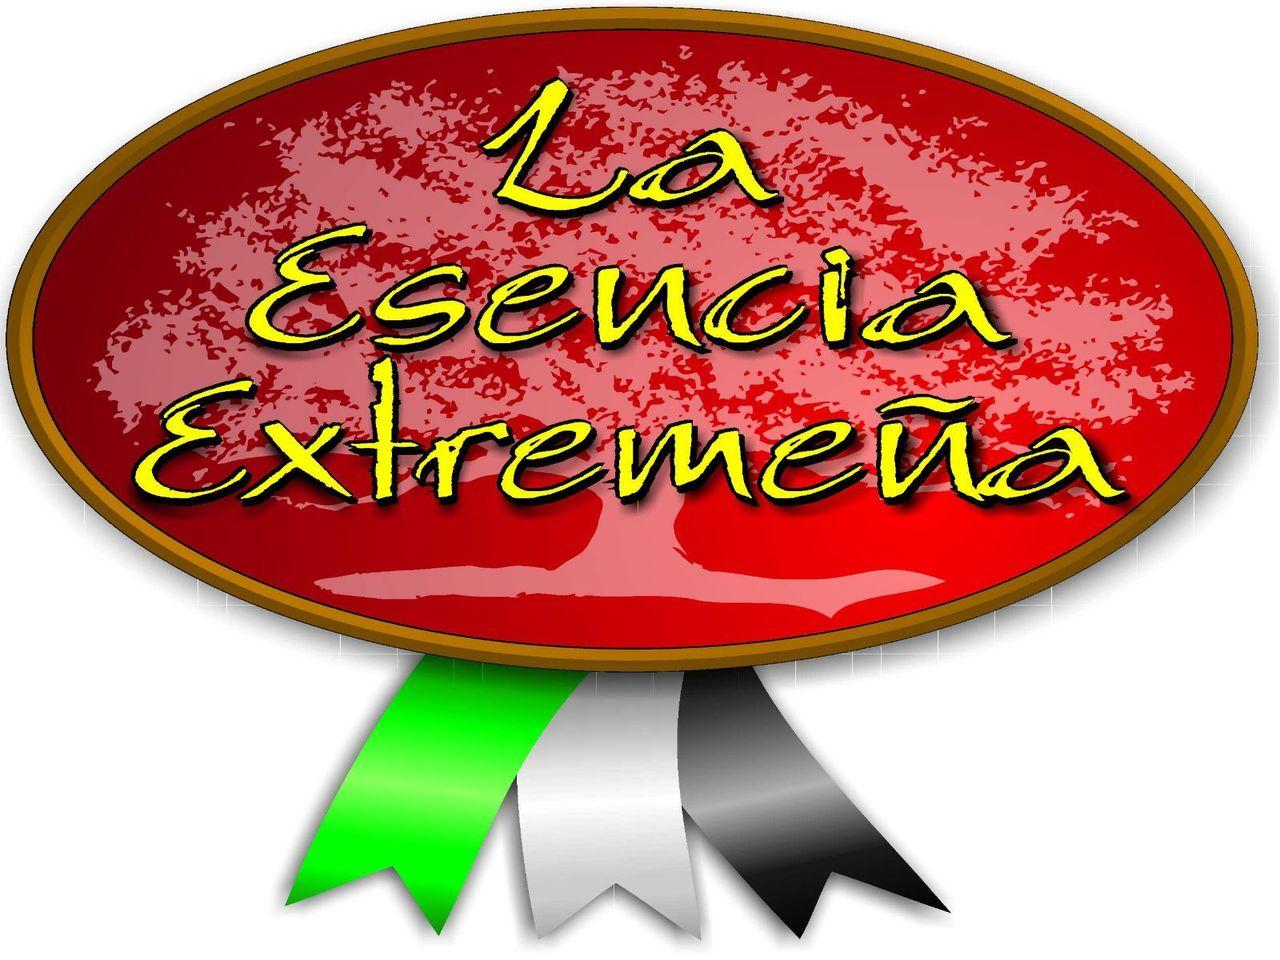 TAPERIA LA ESENCIA EXTREMEÑA, Tapería económica en Cáceres, Dónde tapear en Cáceres